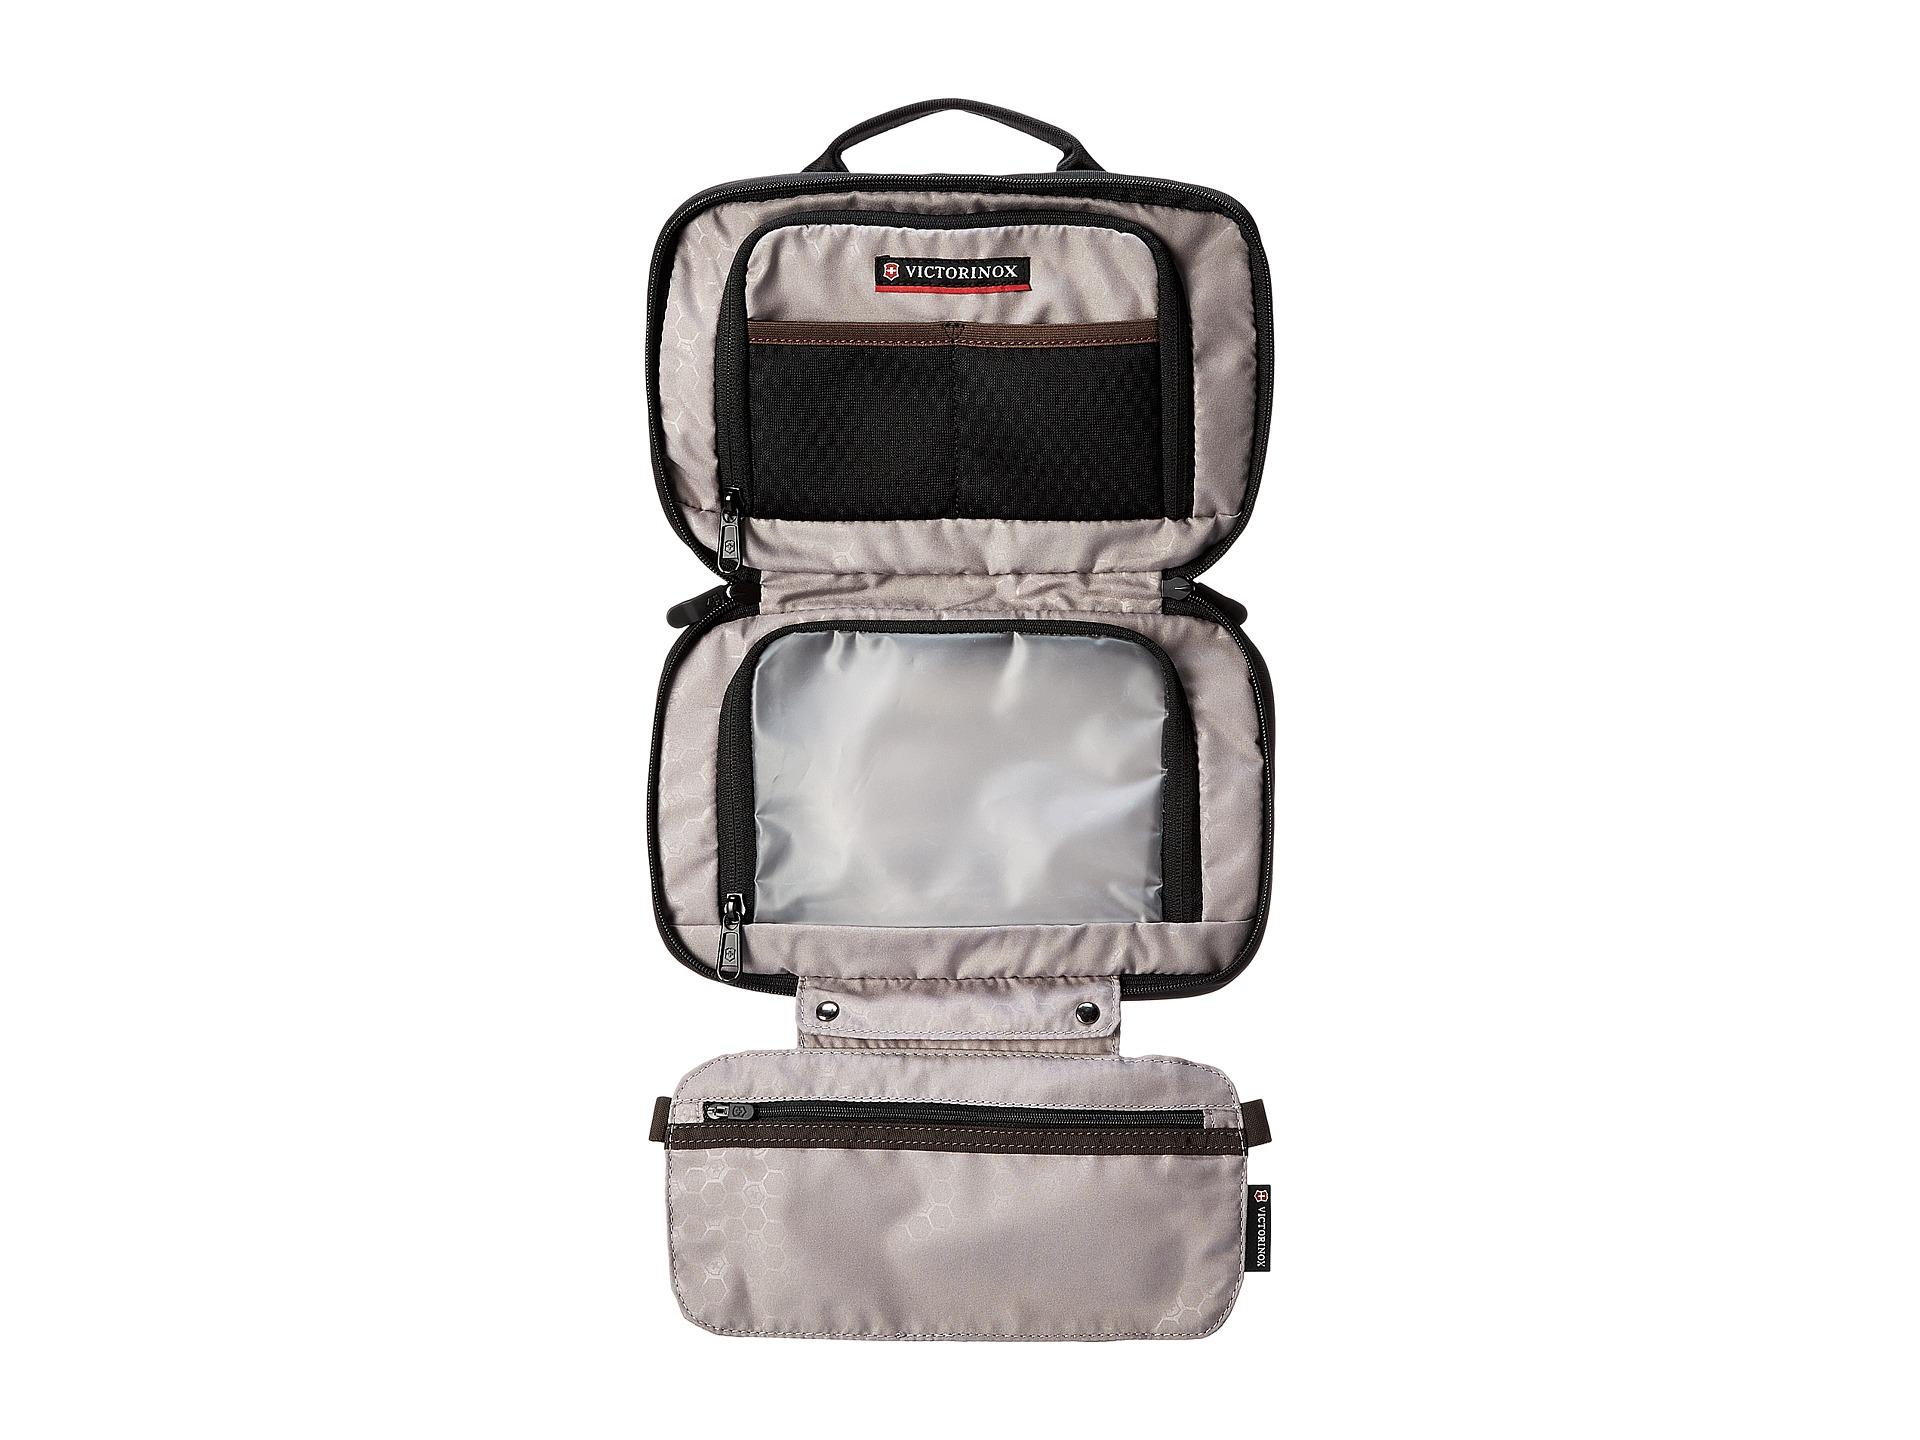 Zip Around Travel Bag By Victorinox 61